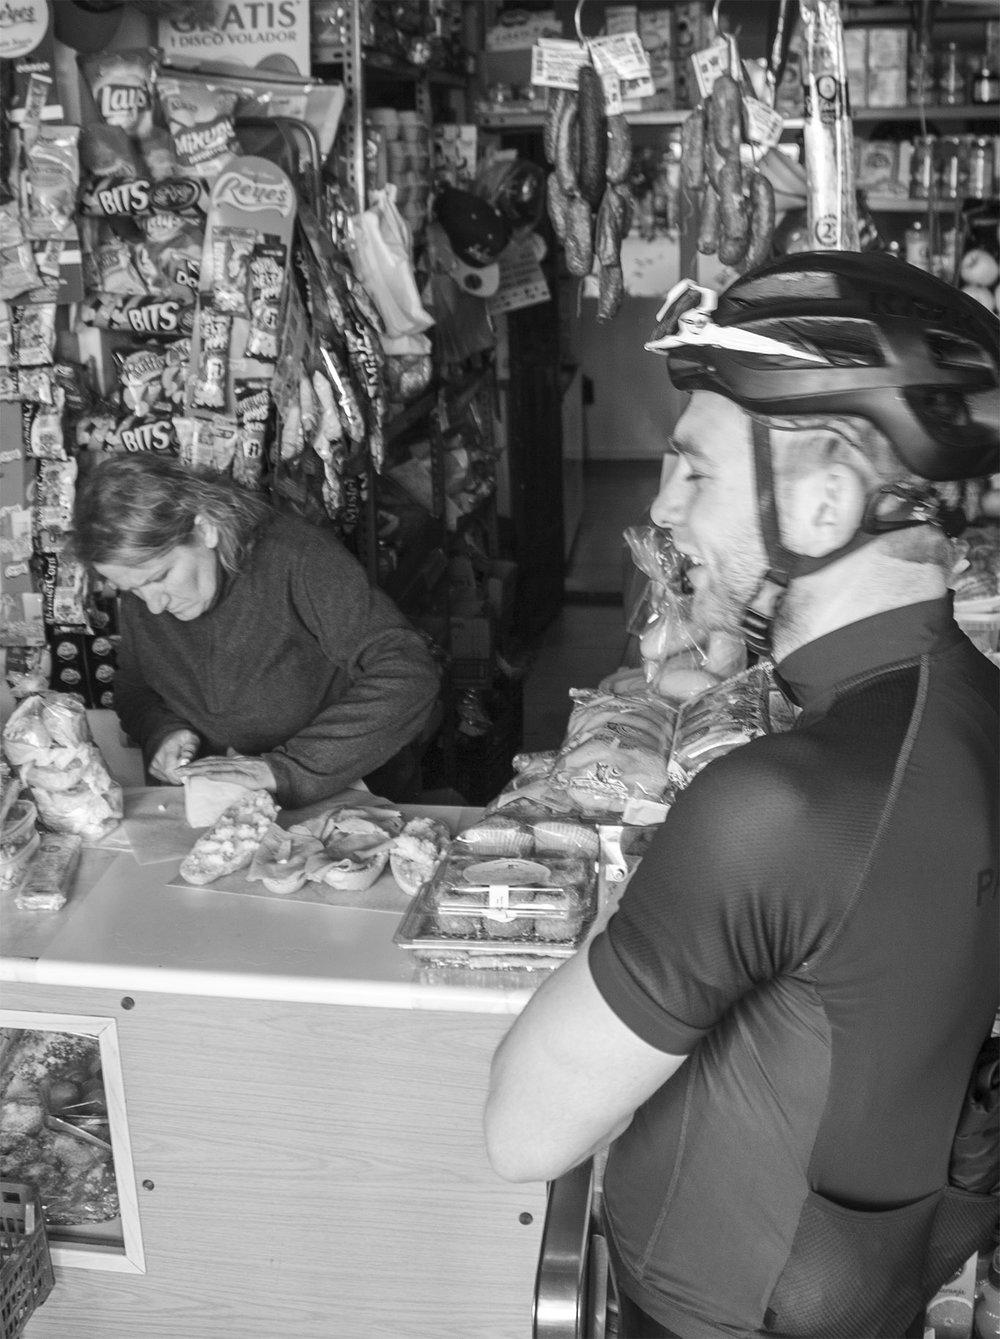 malaga-road-bike-rental-eat.jpg